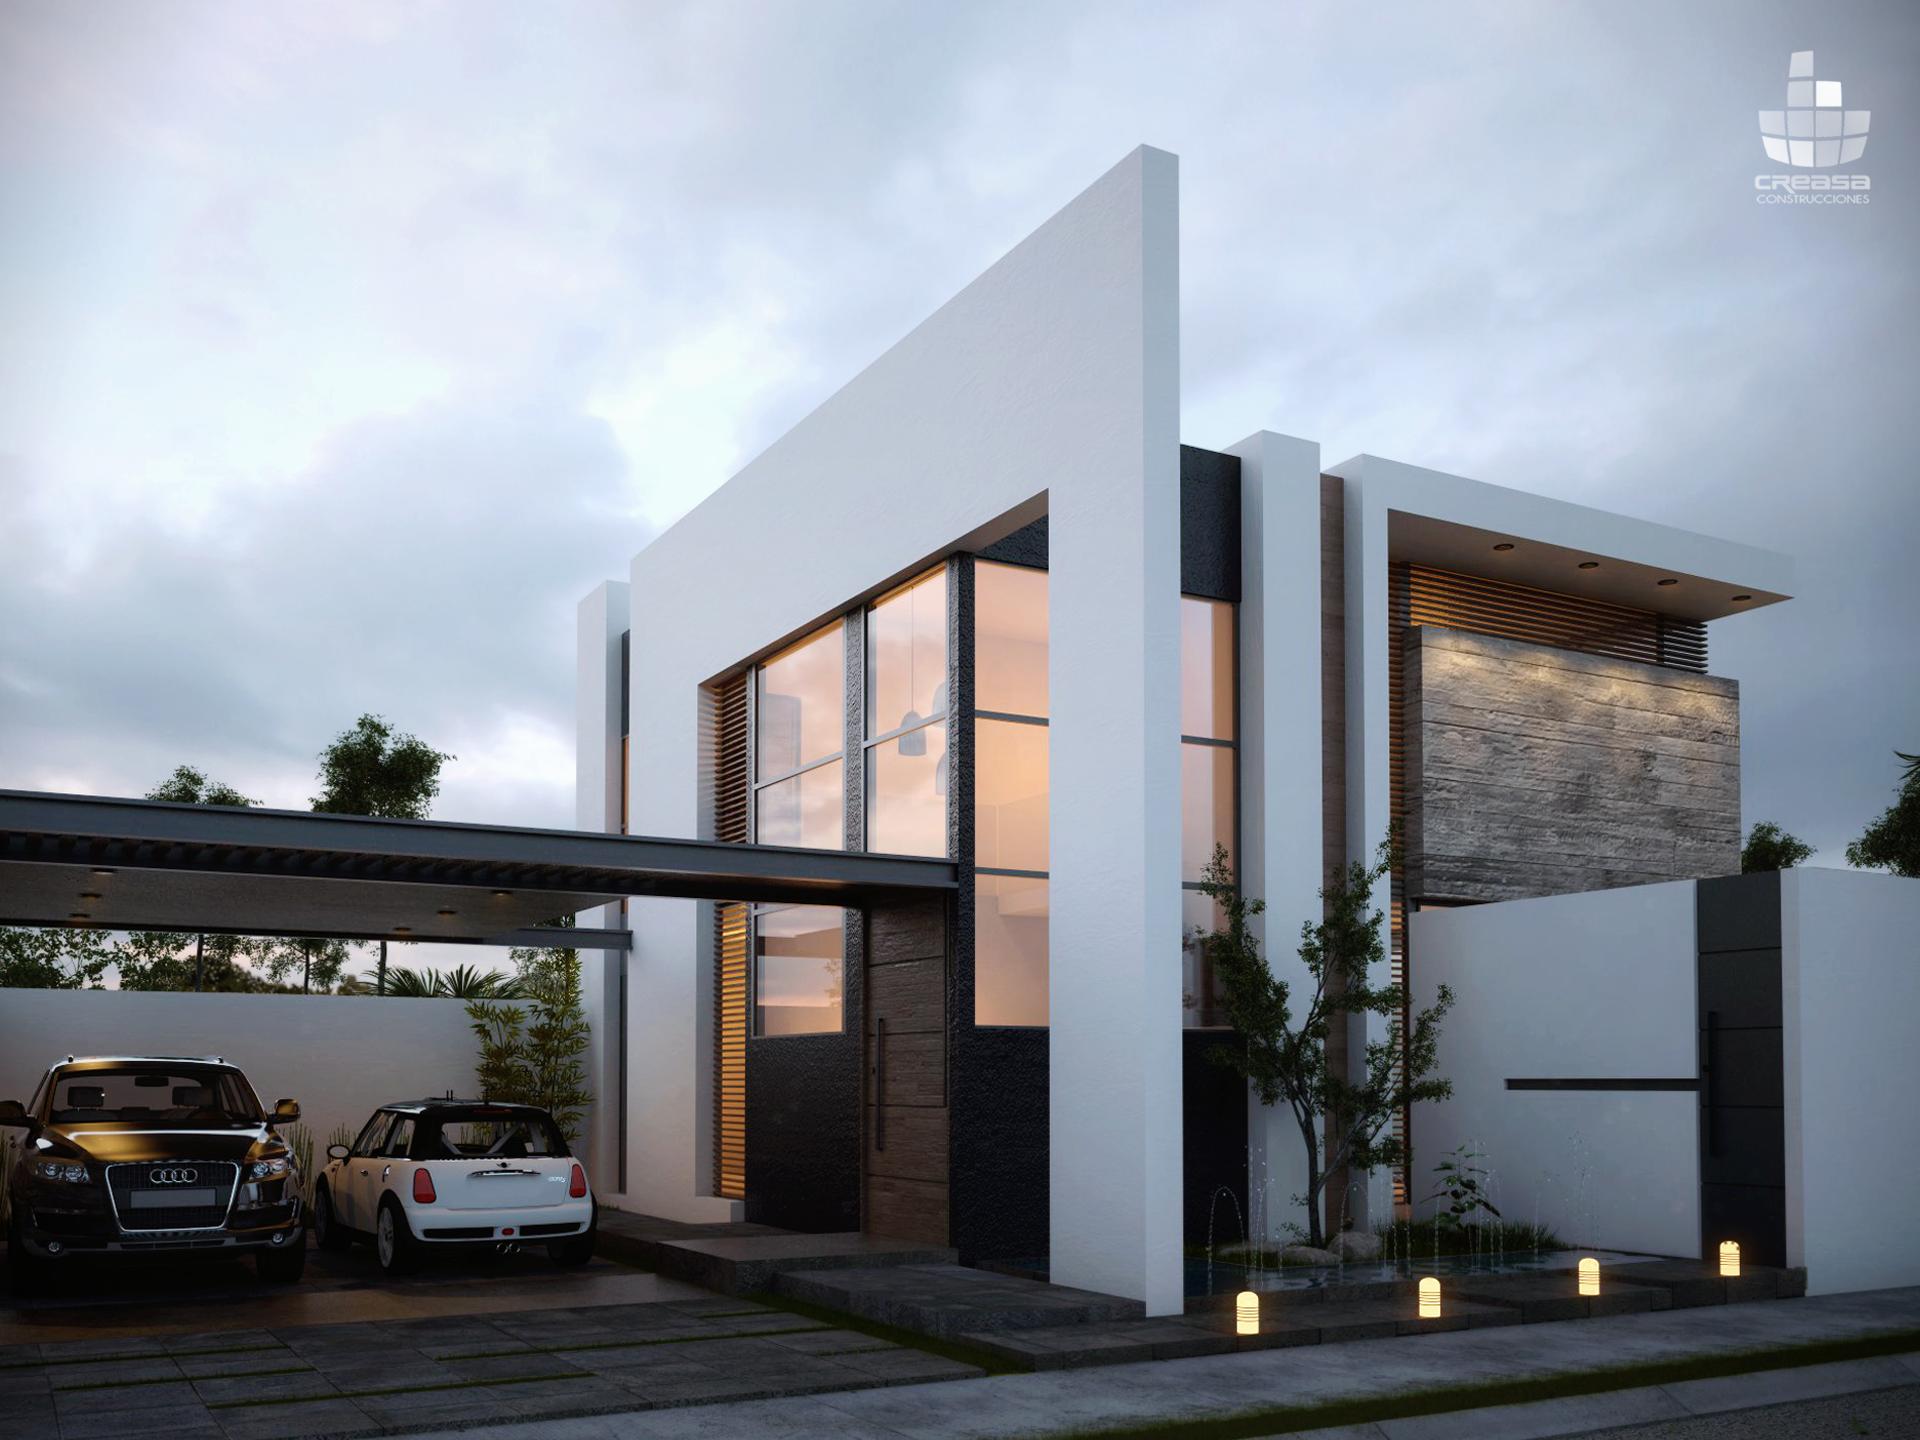 Casa residencial en colima m xico oscar fachada for Casas residenciales minimalistas